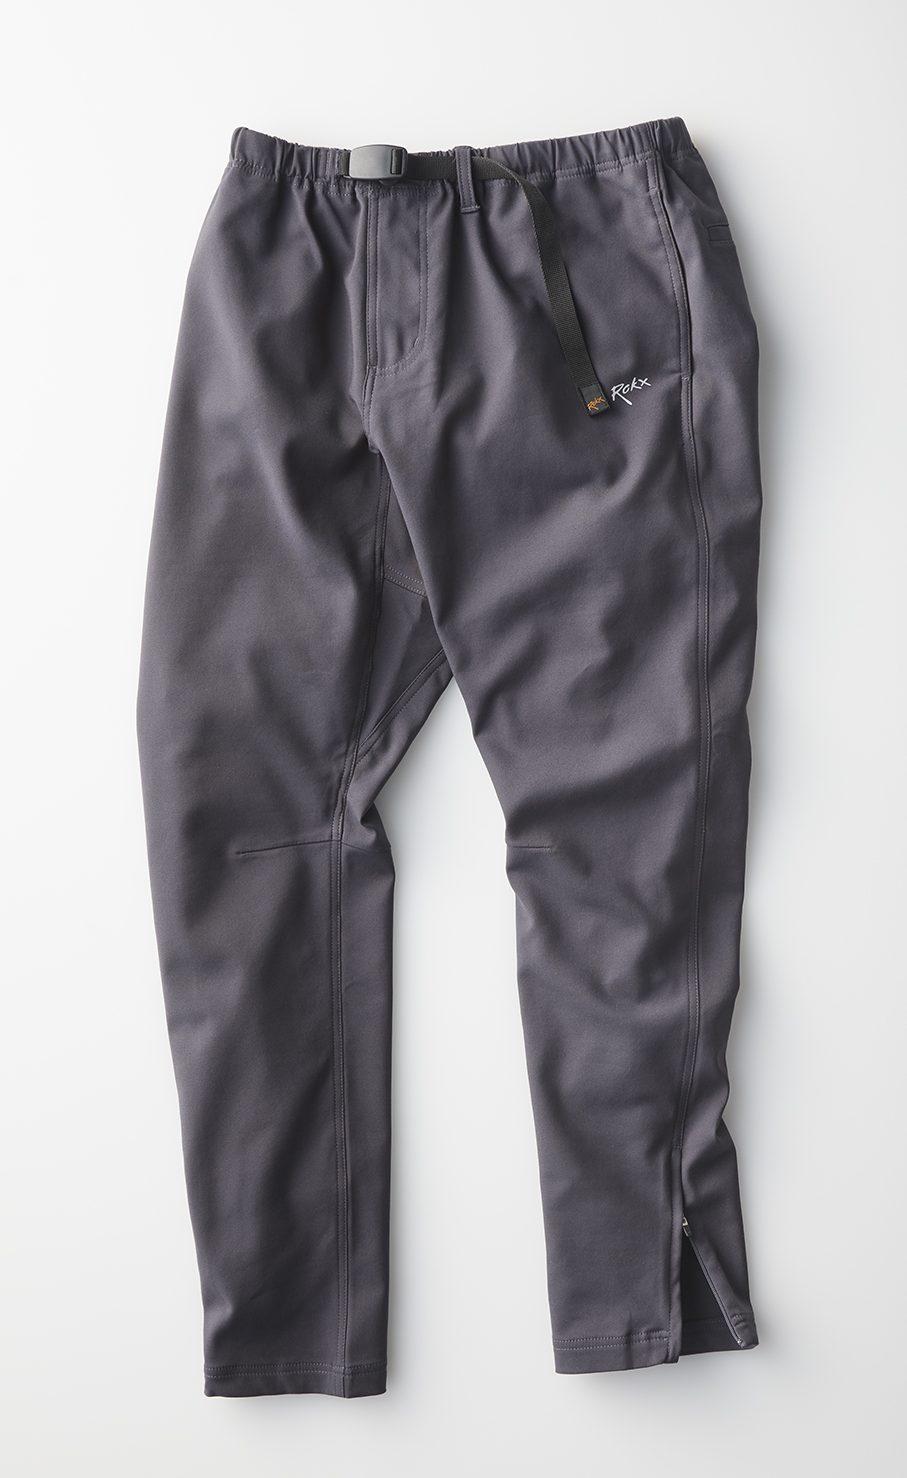 山でも町でも履けるトレッキングパンツをお探しですか?|BE,PAL